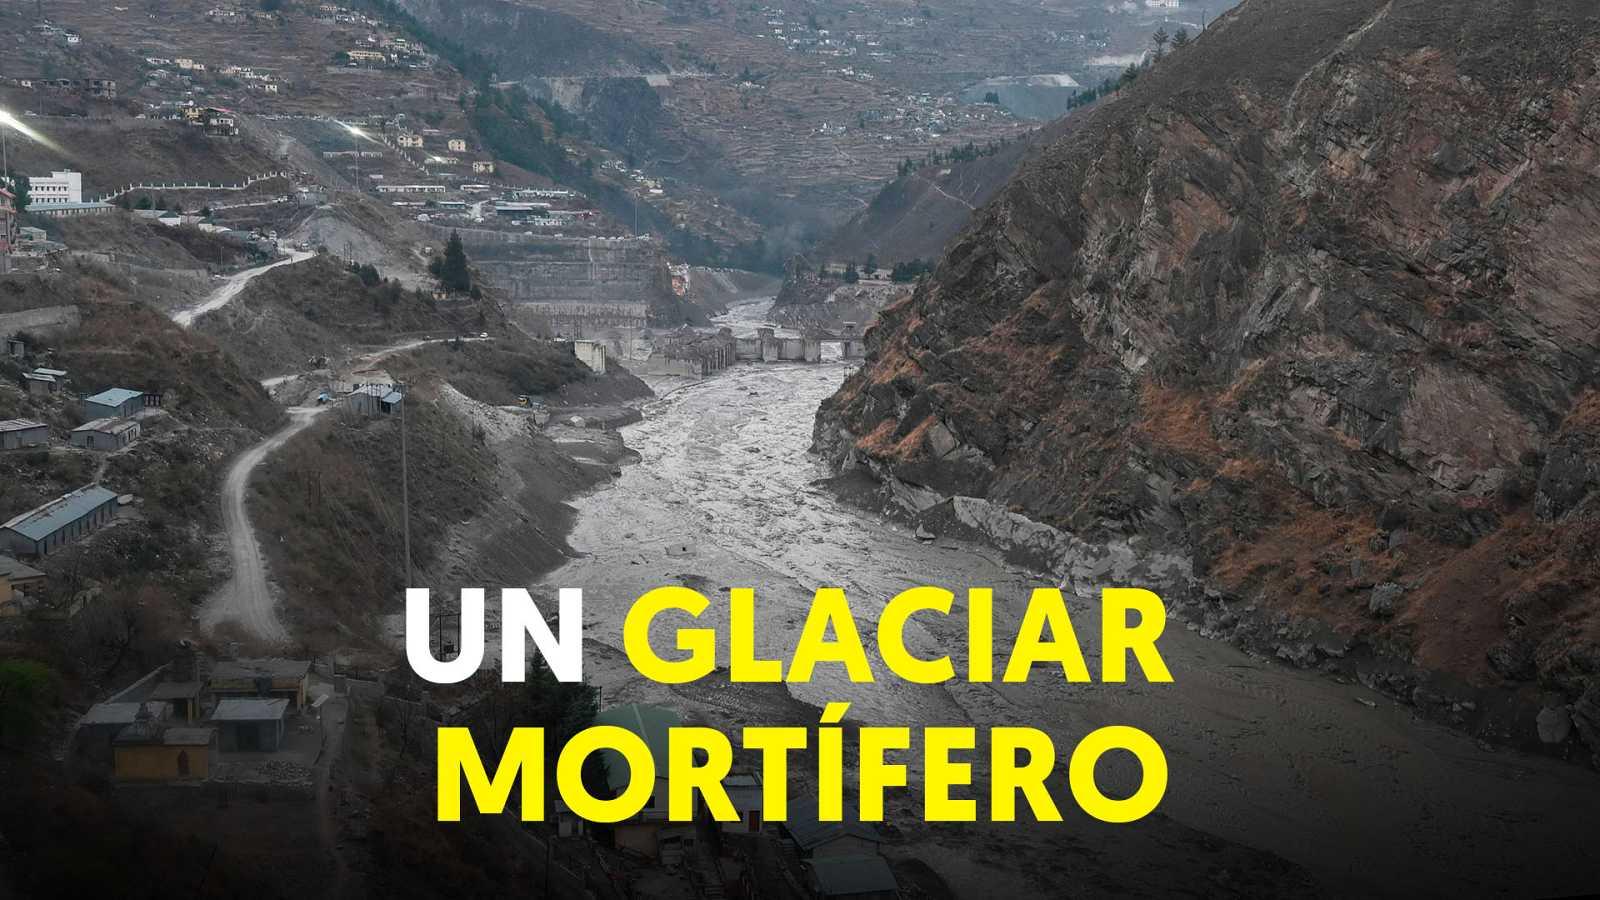 Buscan cerda de 200 desaparecidos en el Himalaya tras la riada que provocó el colapso de un glaciar